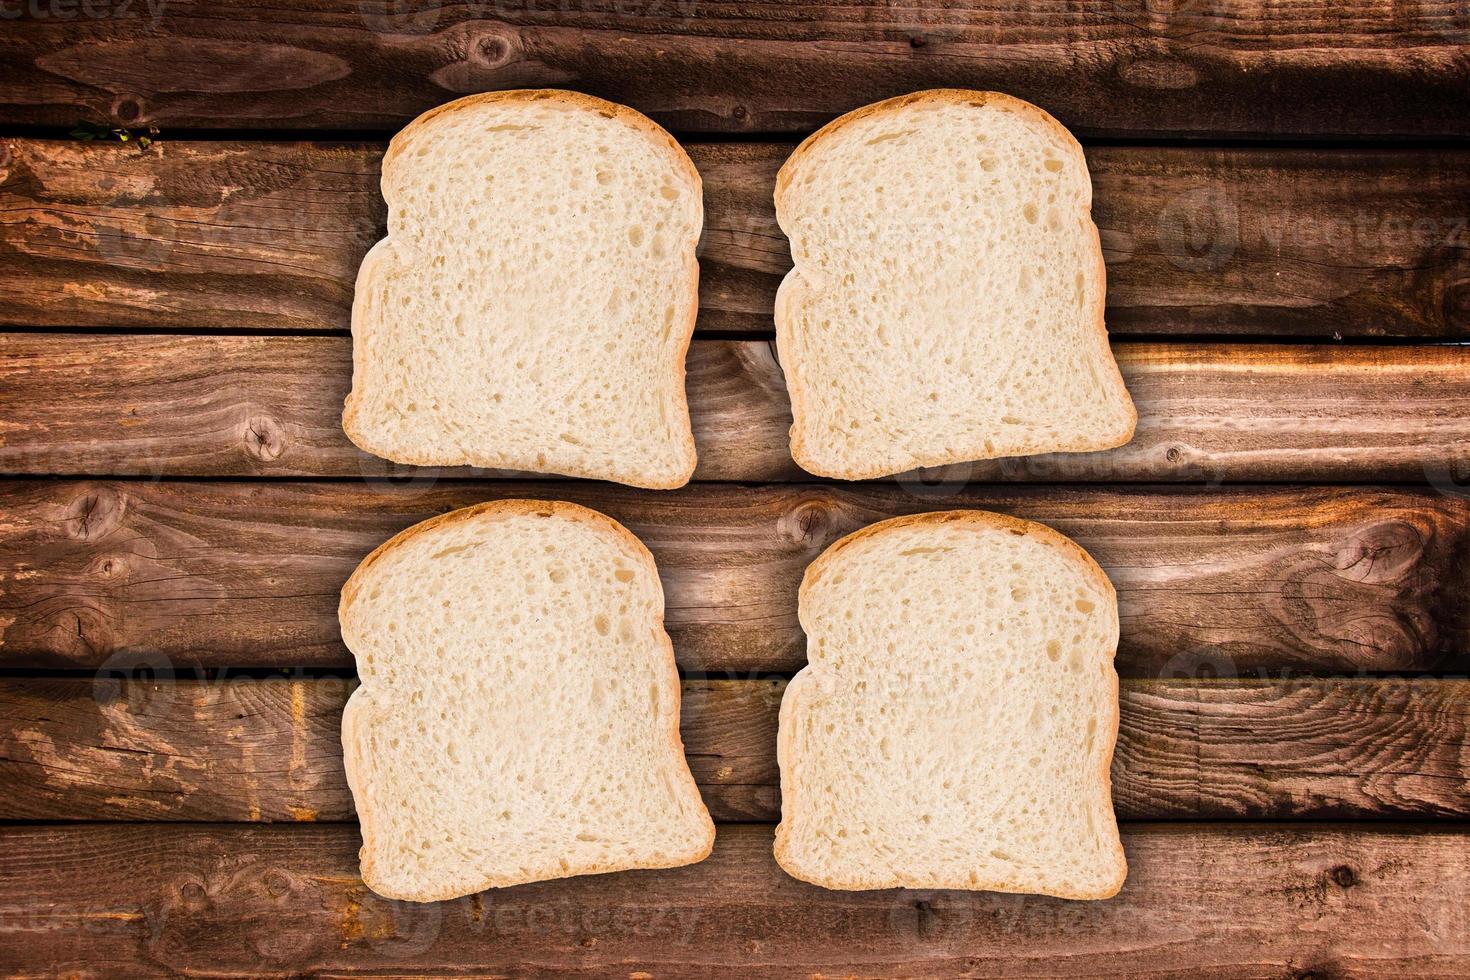 quatro fatias de pão, em fundo de pranchas de madeira foto